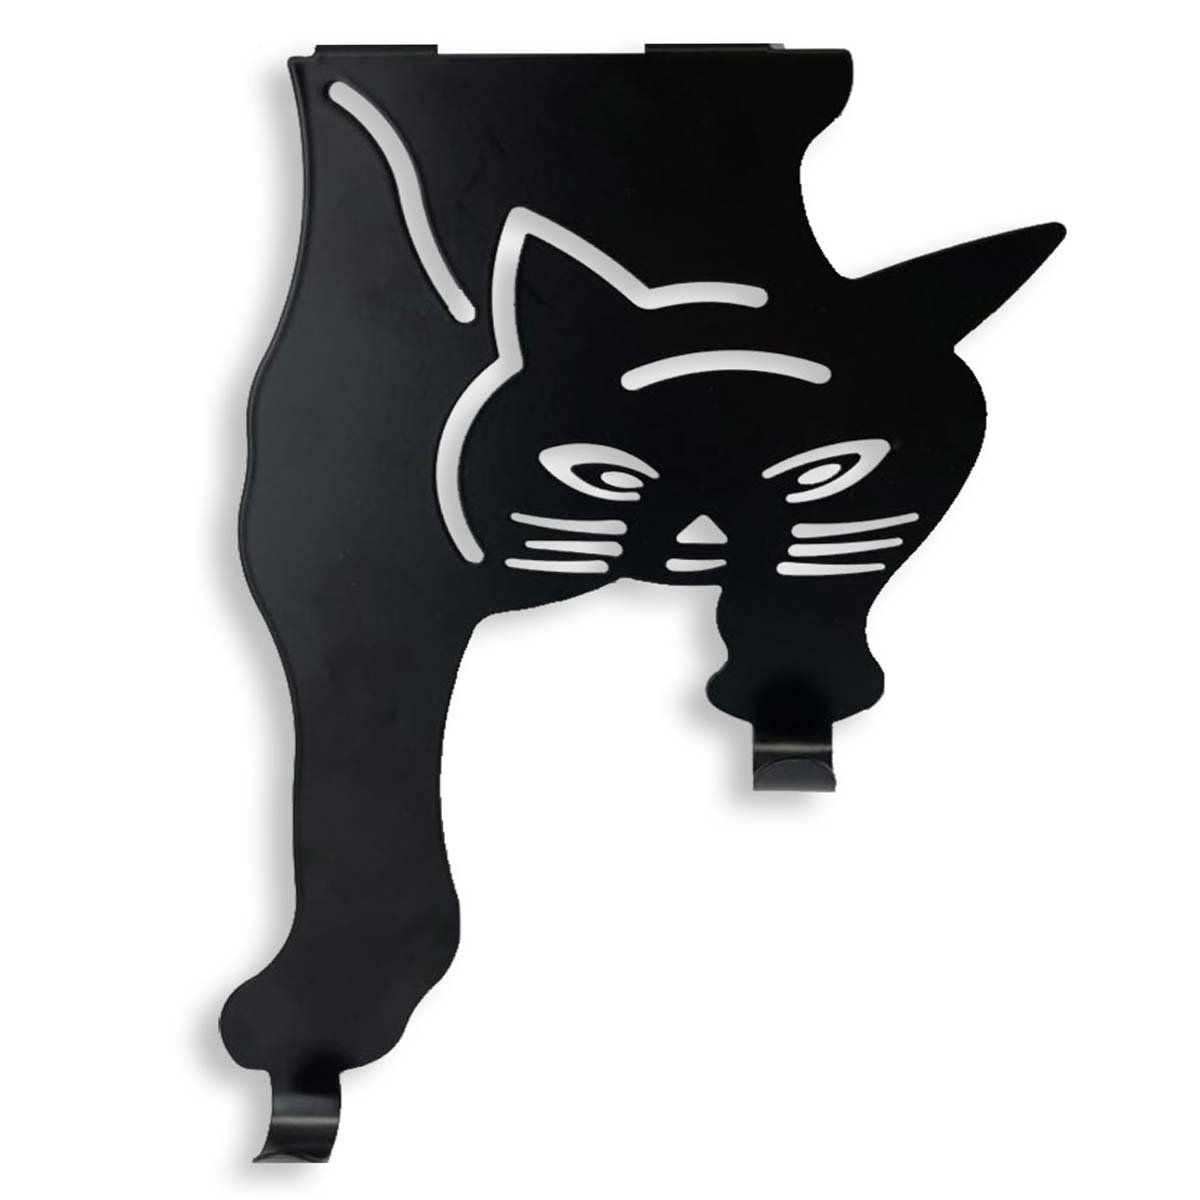 SpaceAuto Heavy Duty Over The Door Hook Cat Double Hanger Organizer Storage Hanging Rack Black (A - Pack of 1)